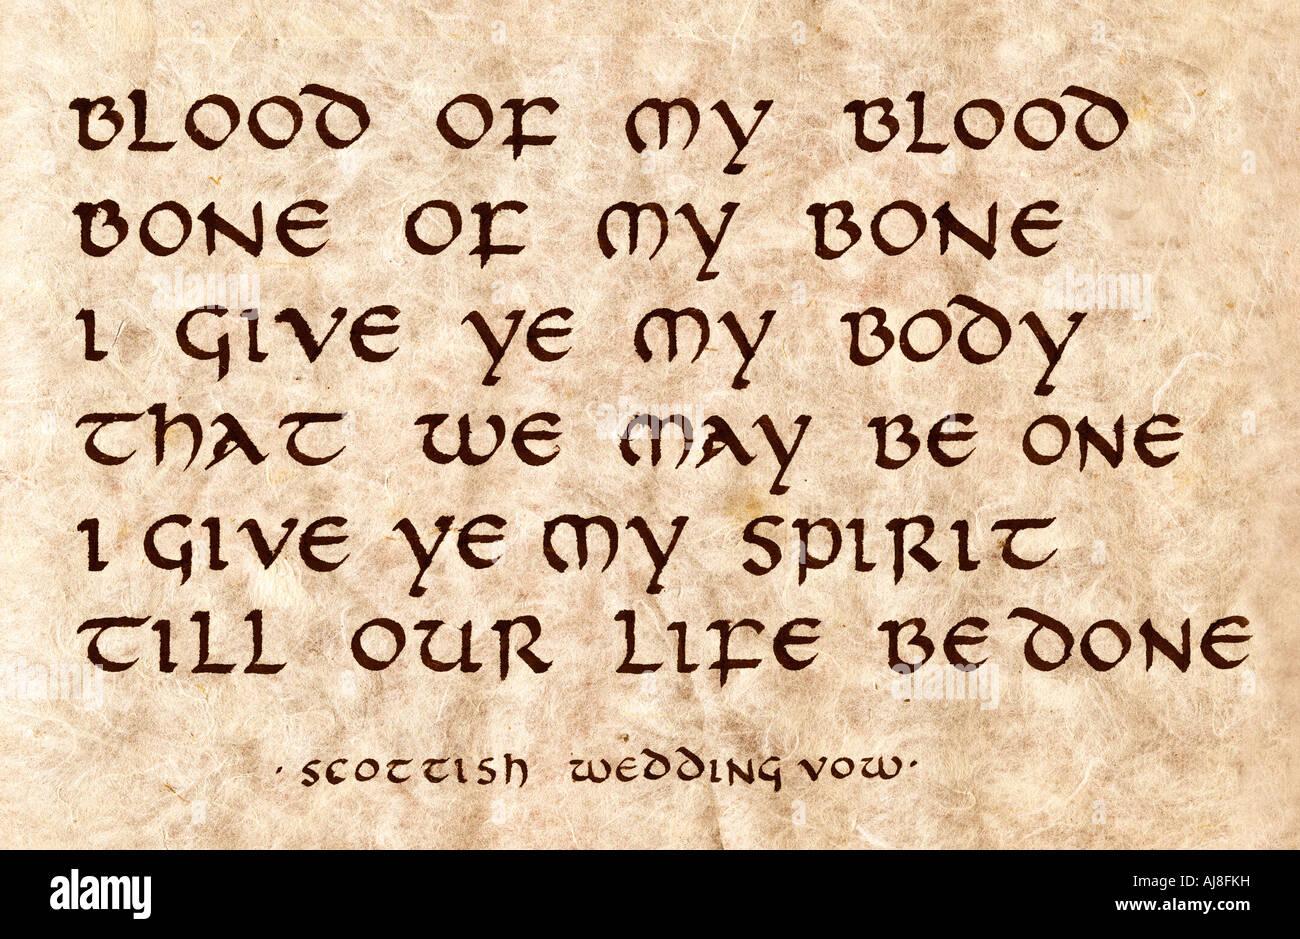 Medieval scottish wedding vow written in calligraphy stock photo medieval scottish wedding vow written in calligraphy junglespirit Images